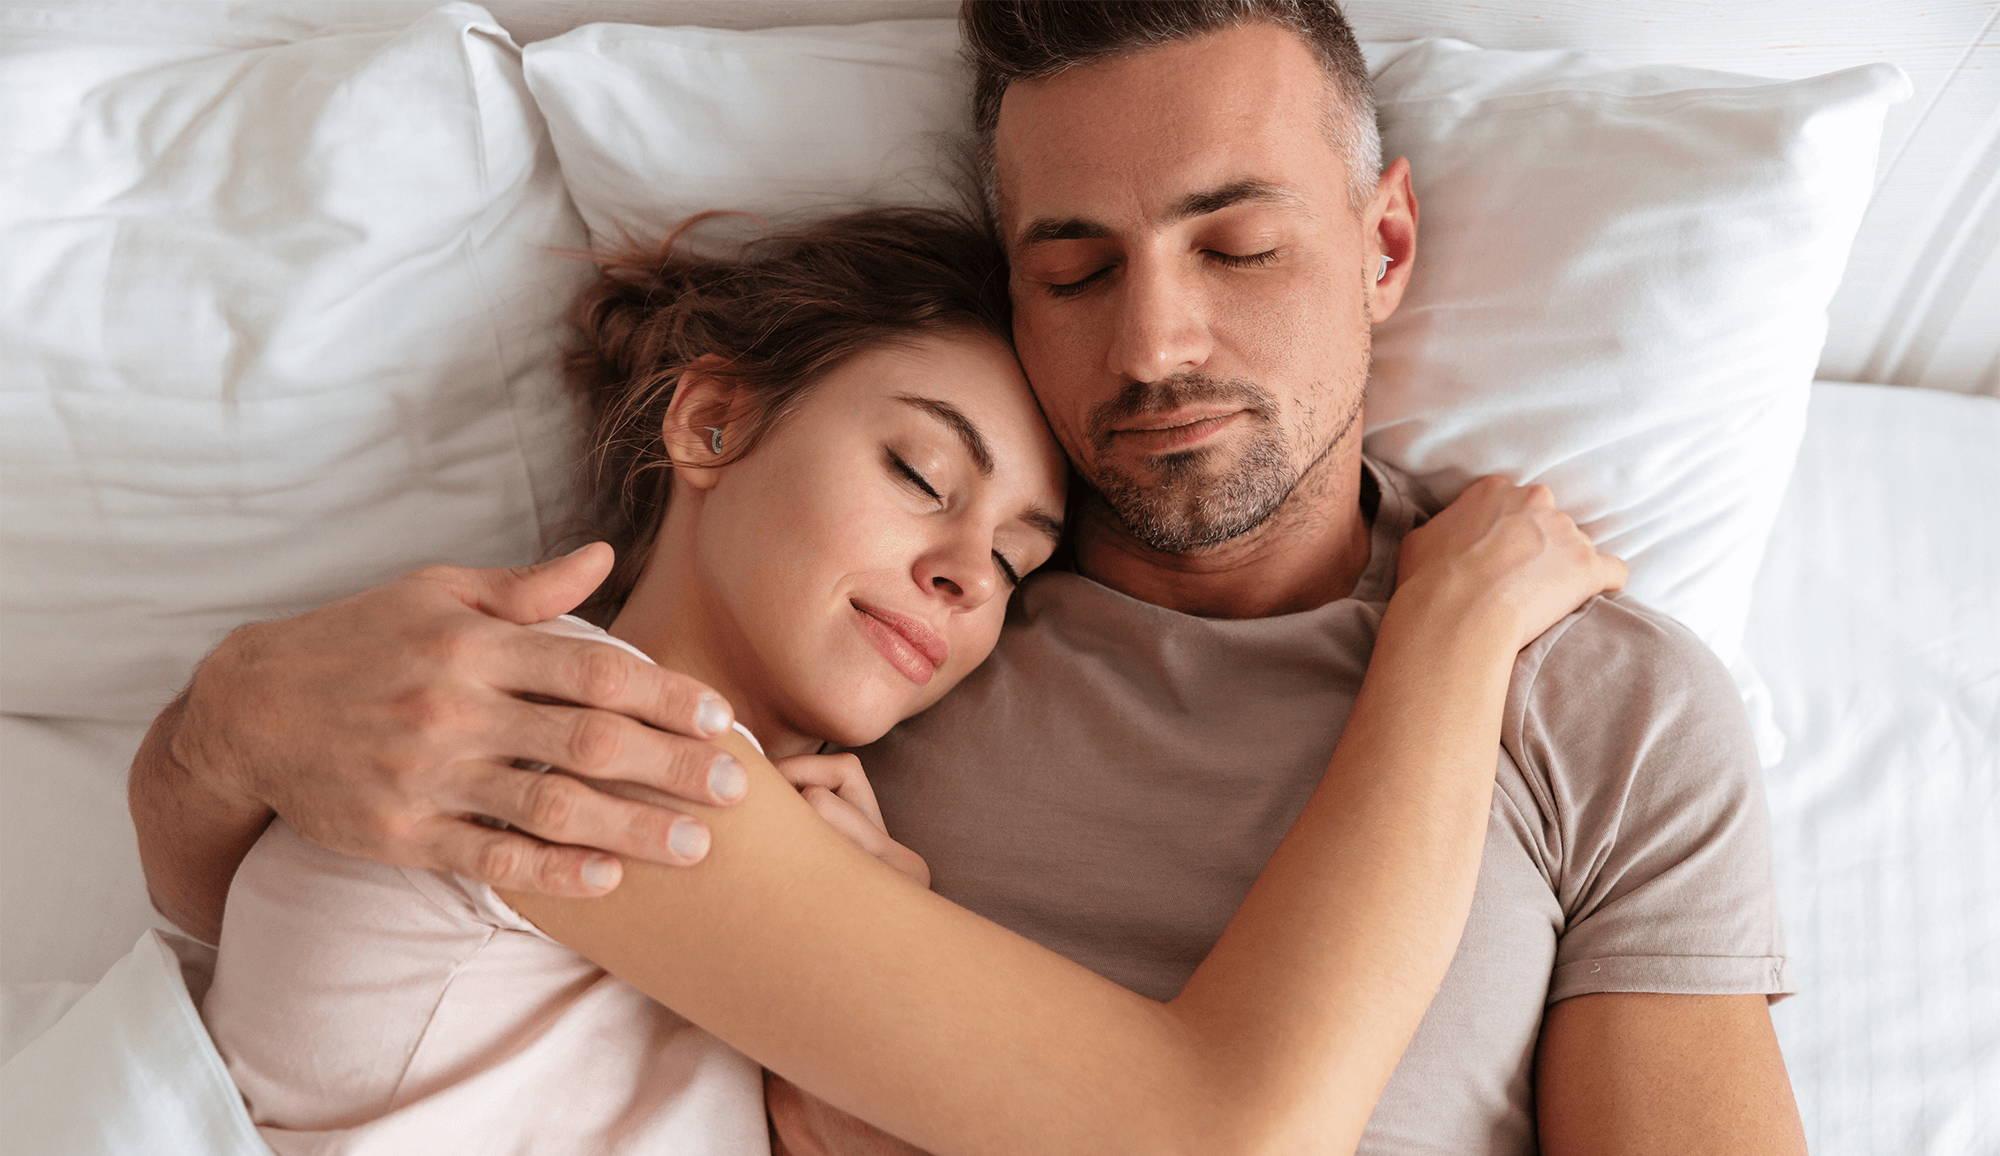 couple sleeps soundly while both wearing earplugs designed for sleeping